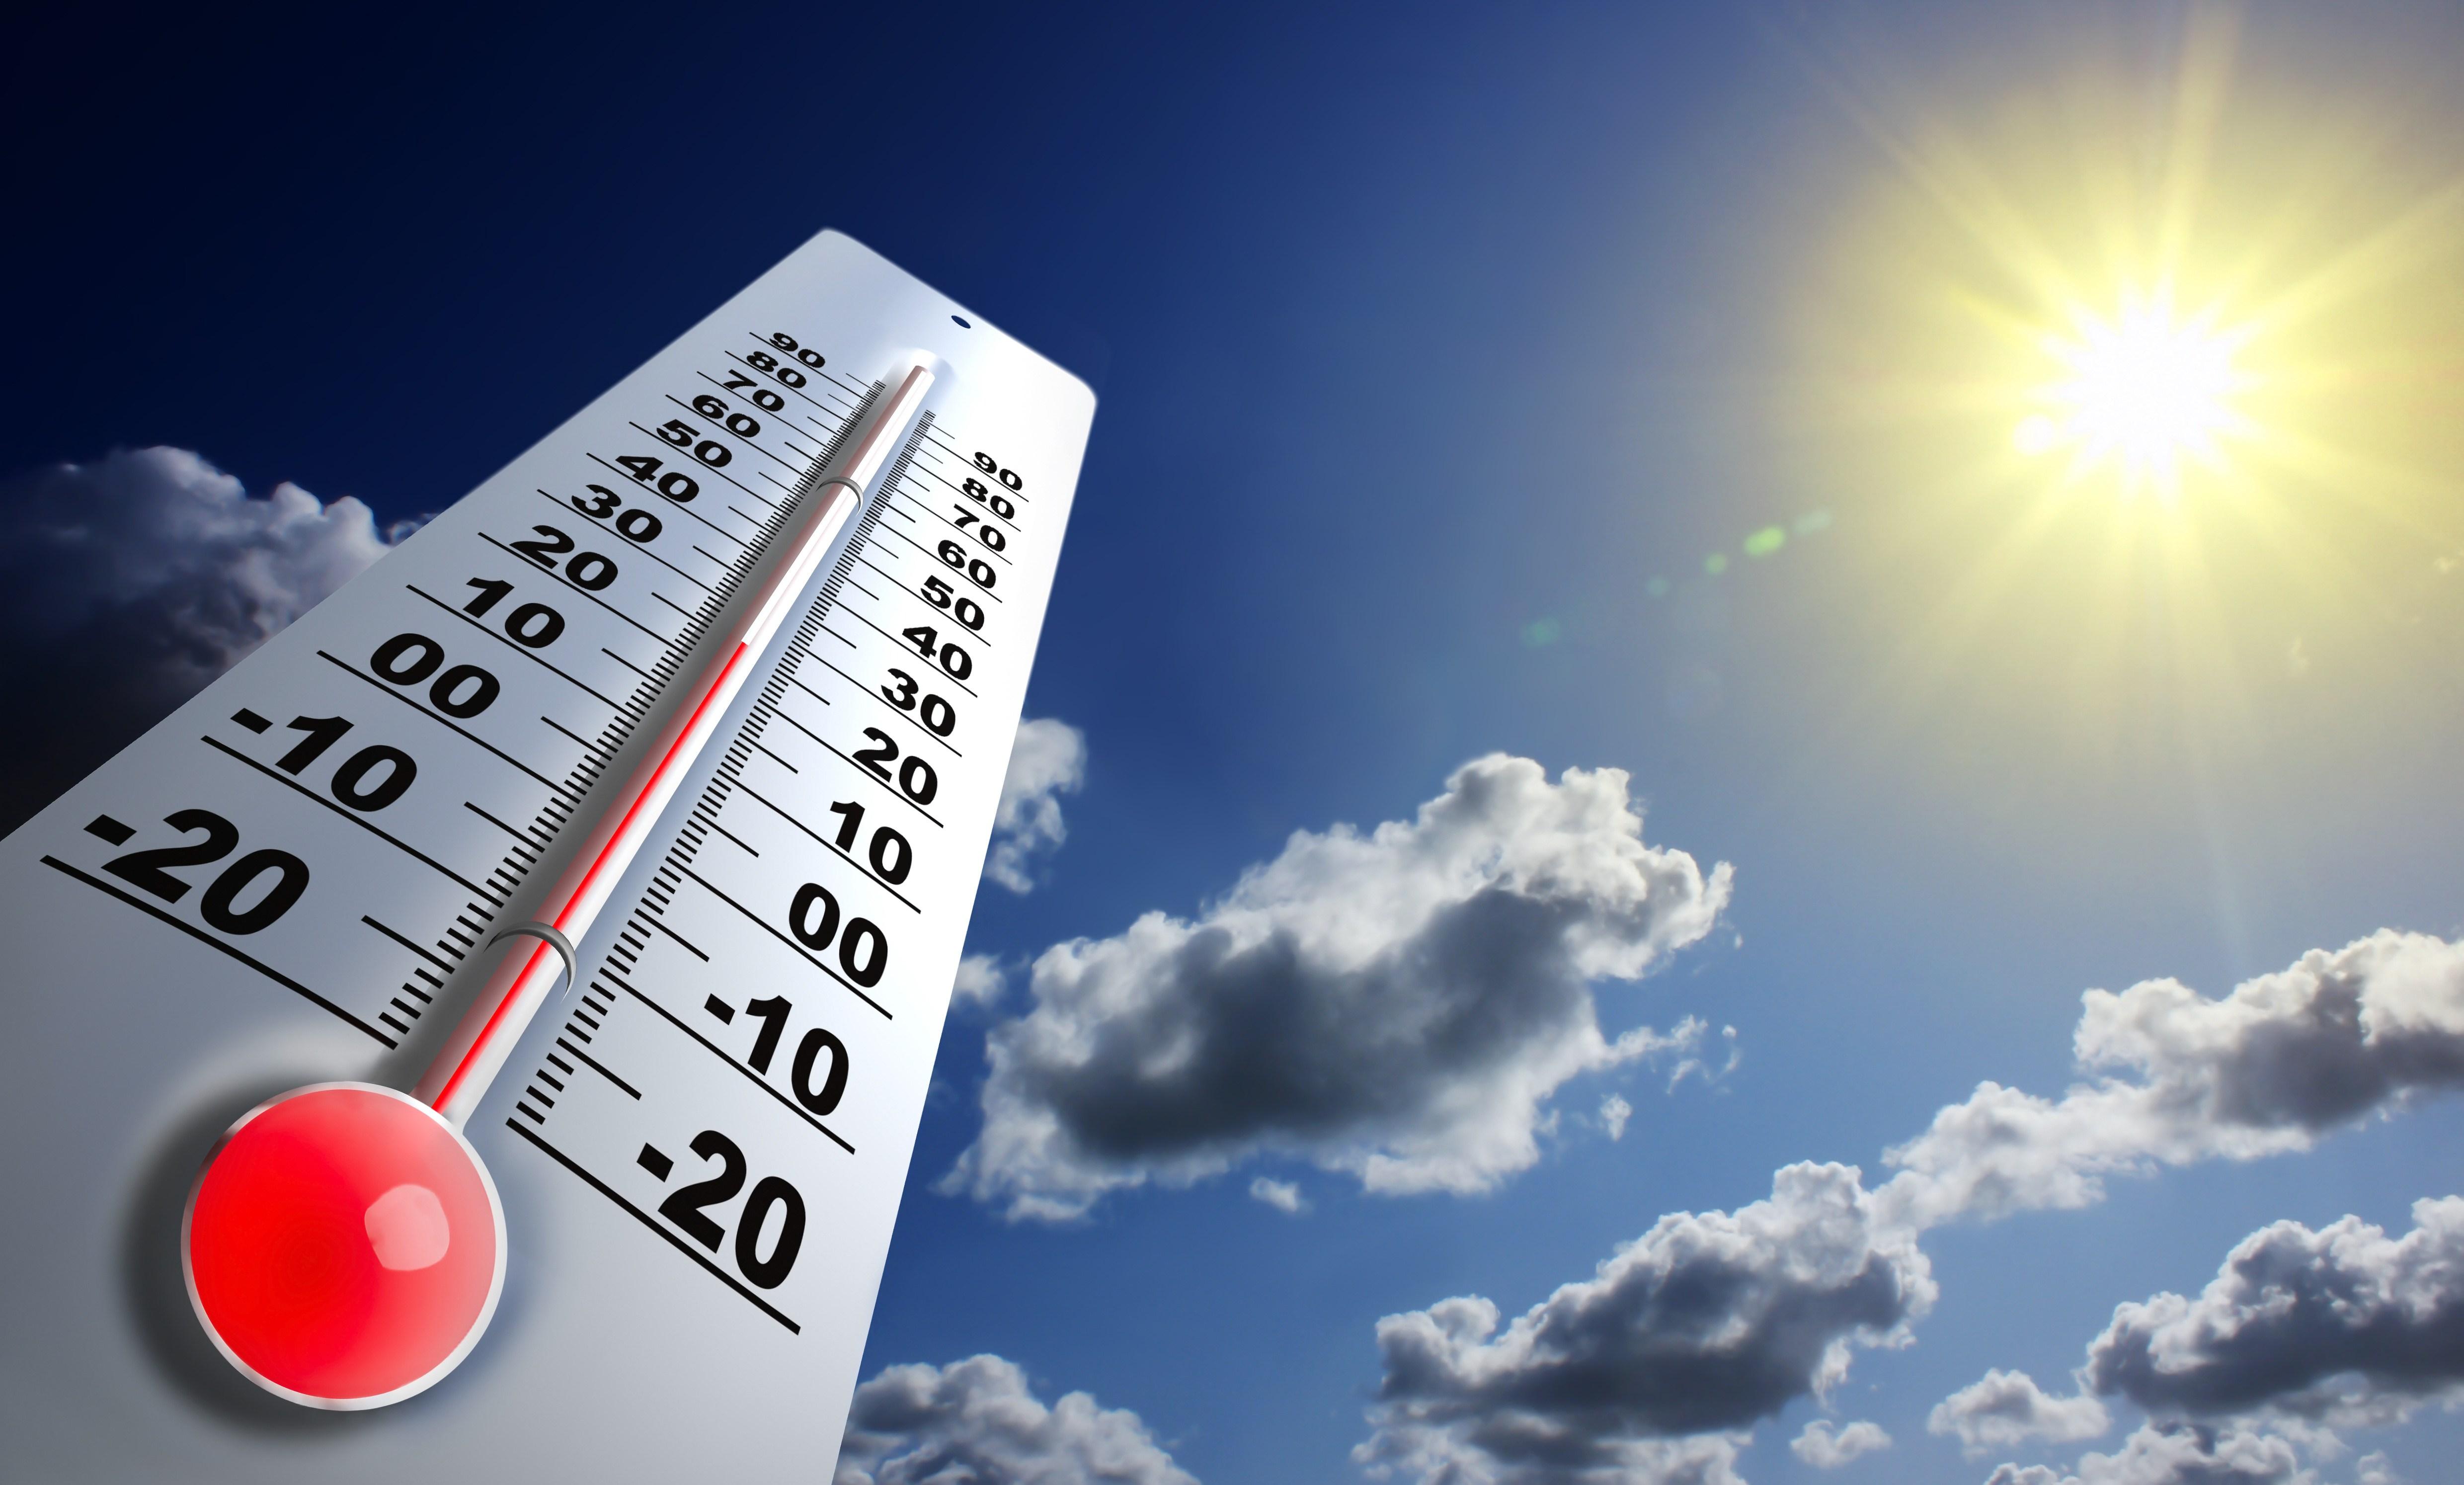 توقعات أحوال الطقس ليوم غد الأحد بالمغرب